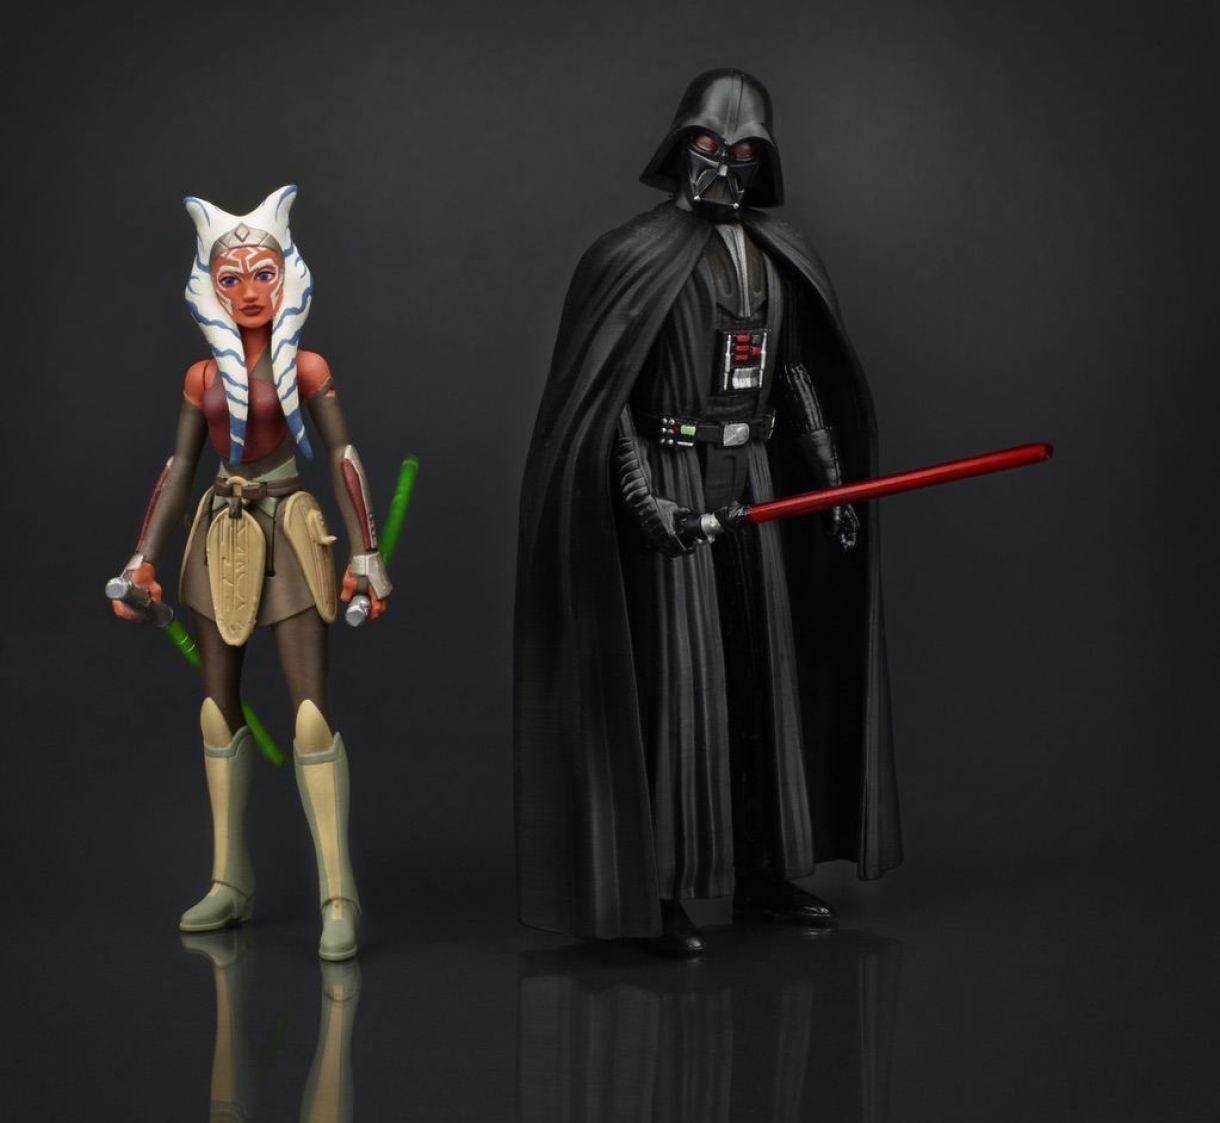 Hasbro Rebels Ahsoka and Darth Vader Action Figures